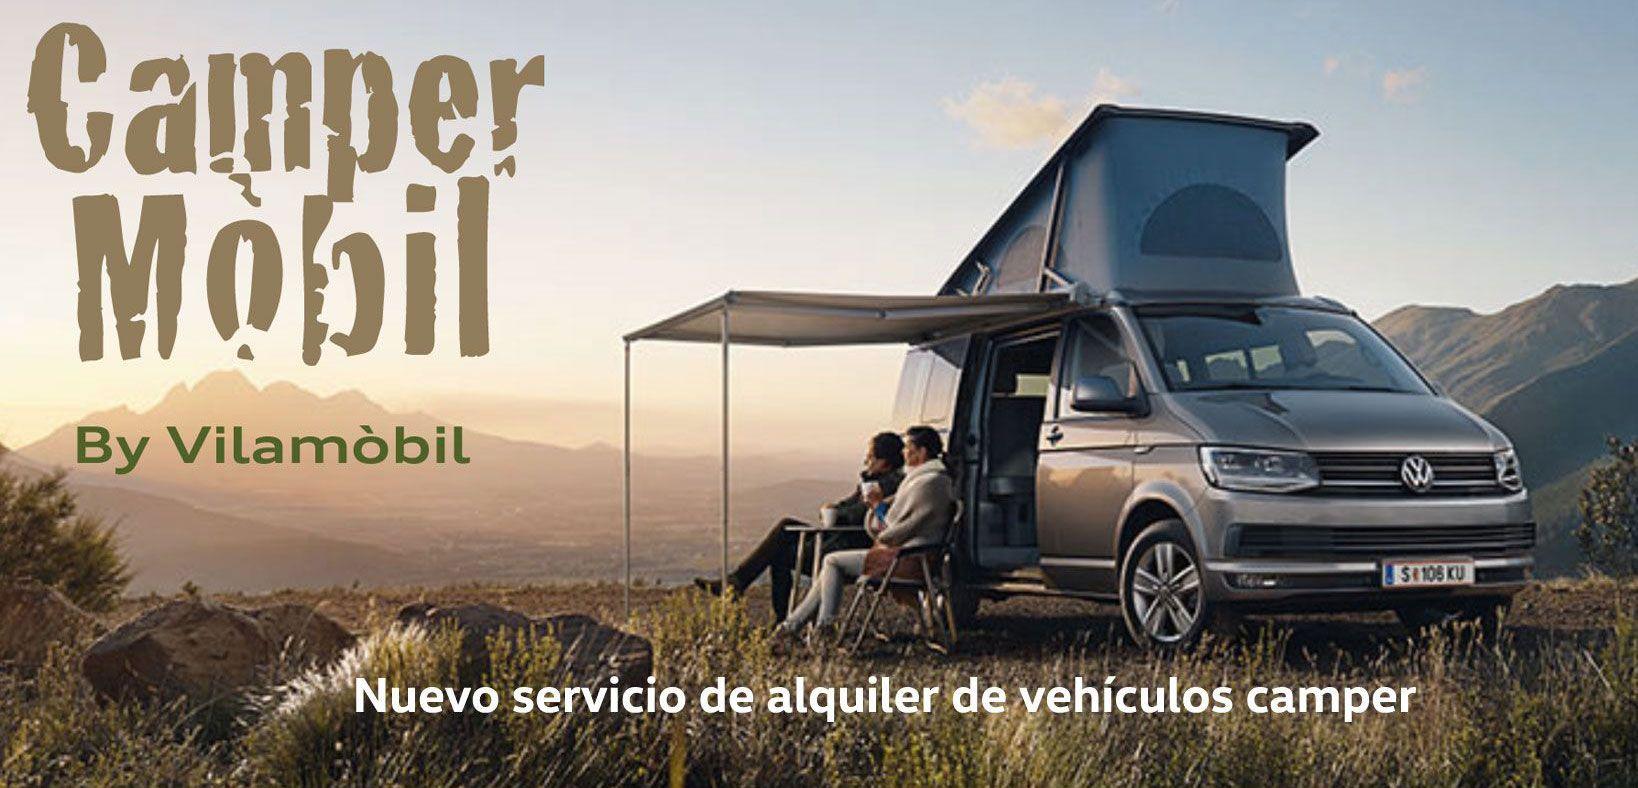 Campermóbil, alquiler de vehiculos camper